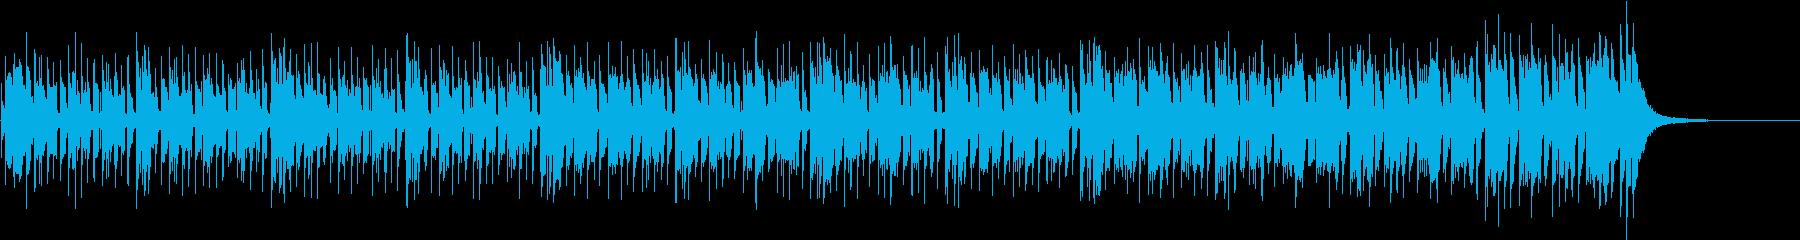 スパイ映画のオープニング曲の再生済みの波形